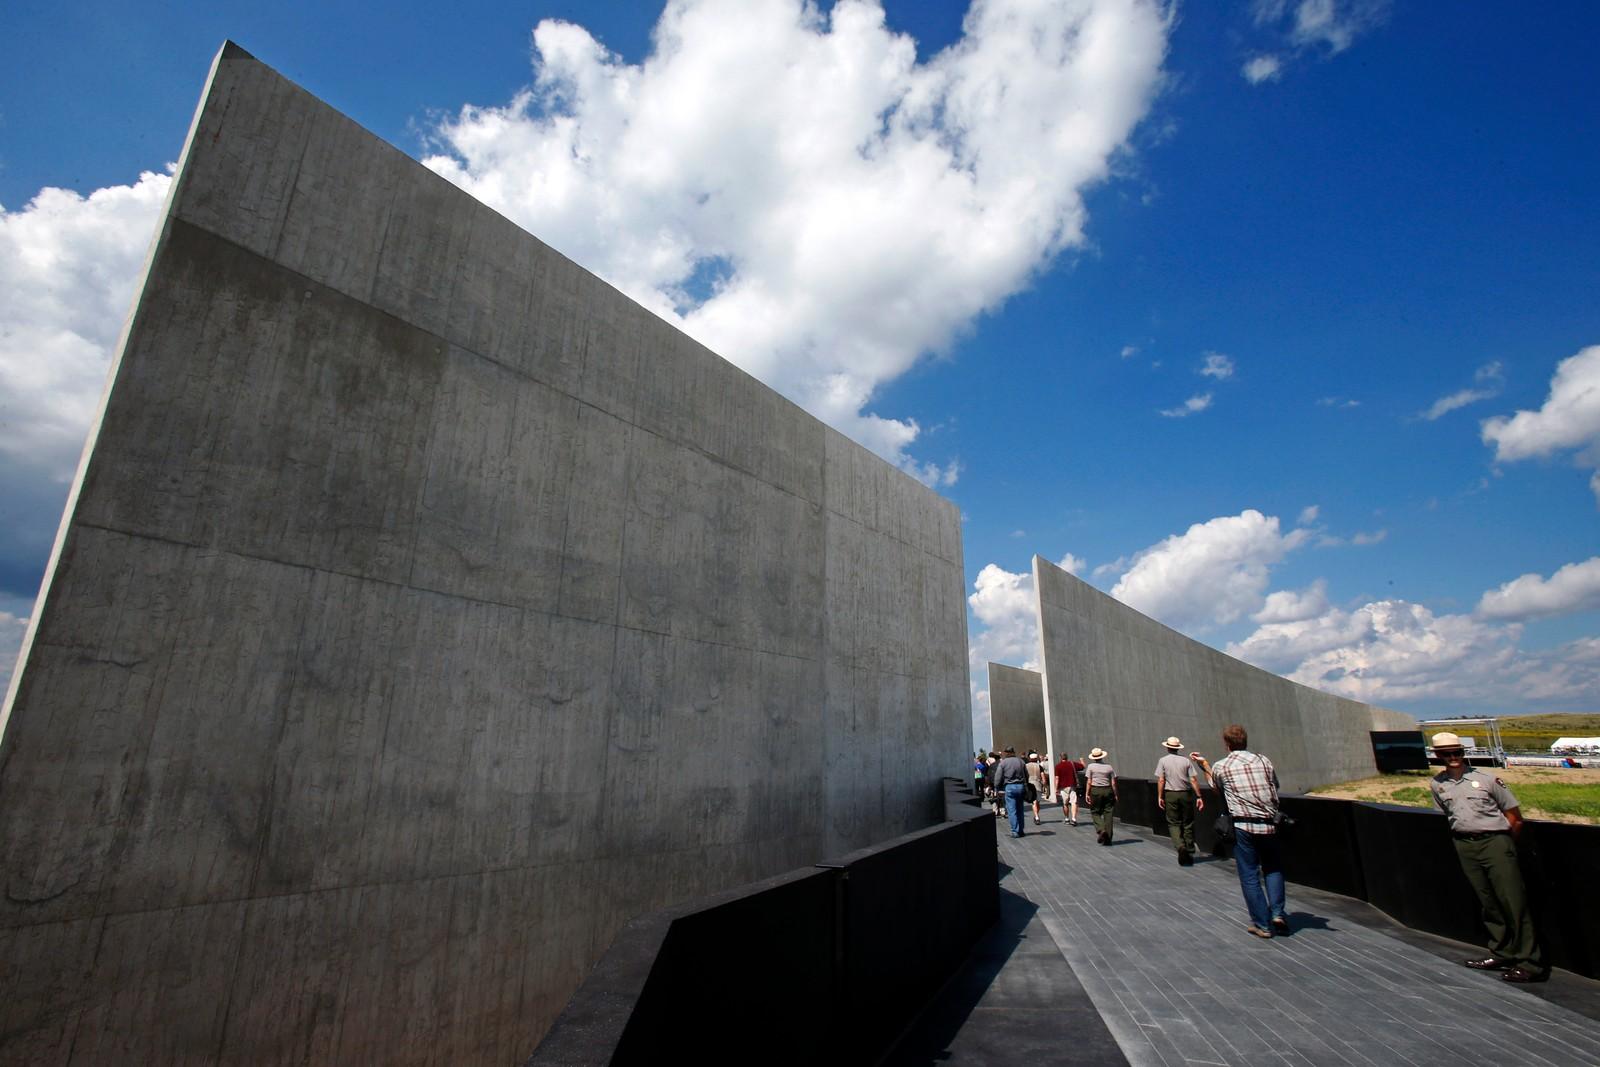 Minnesmerket etter flight 93, som styrta i forbindelse med terrorhandlingene 11. september 2001, åpna denne uka.